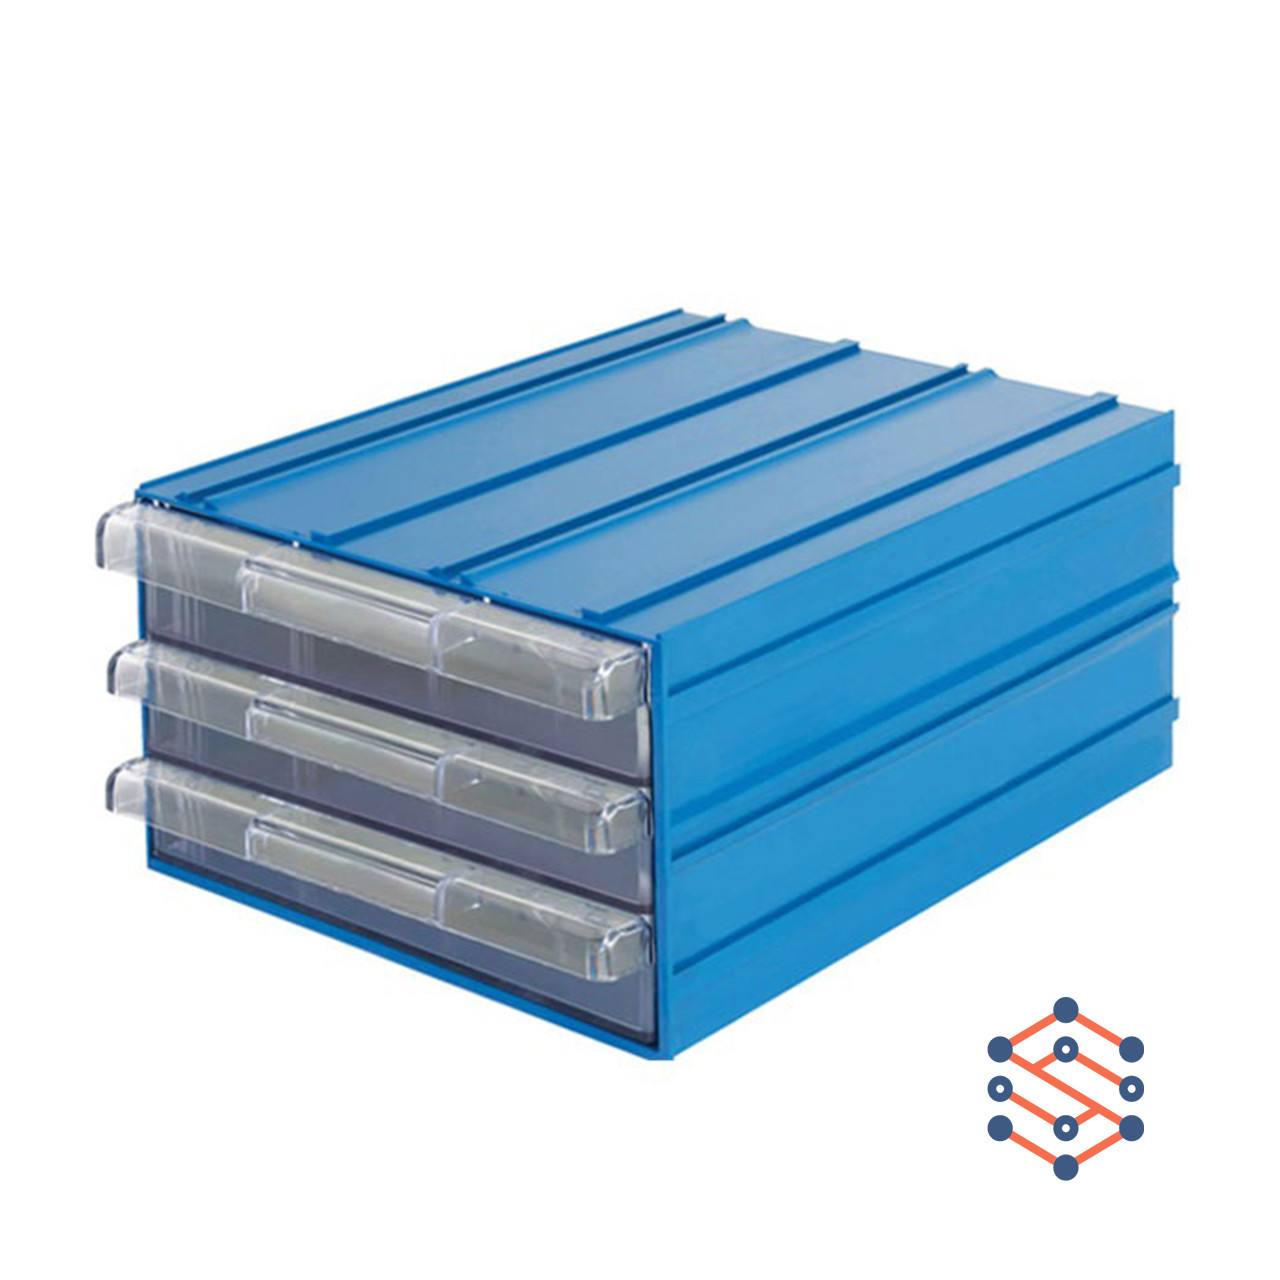 Модульный выдвижной лоток с тремя ящиками 260х340х150 мм